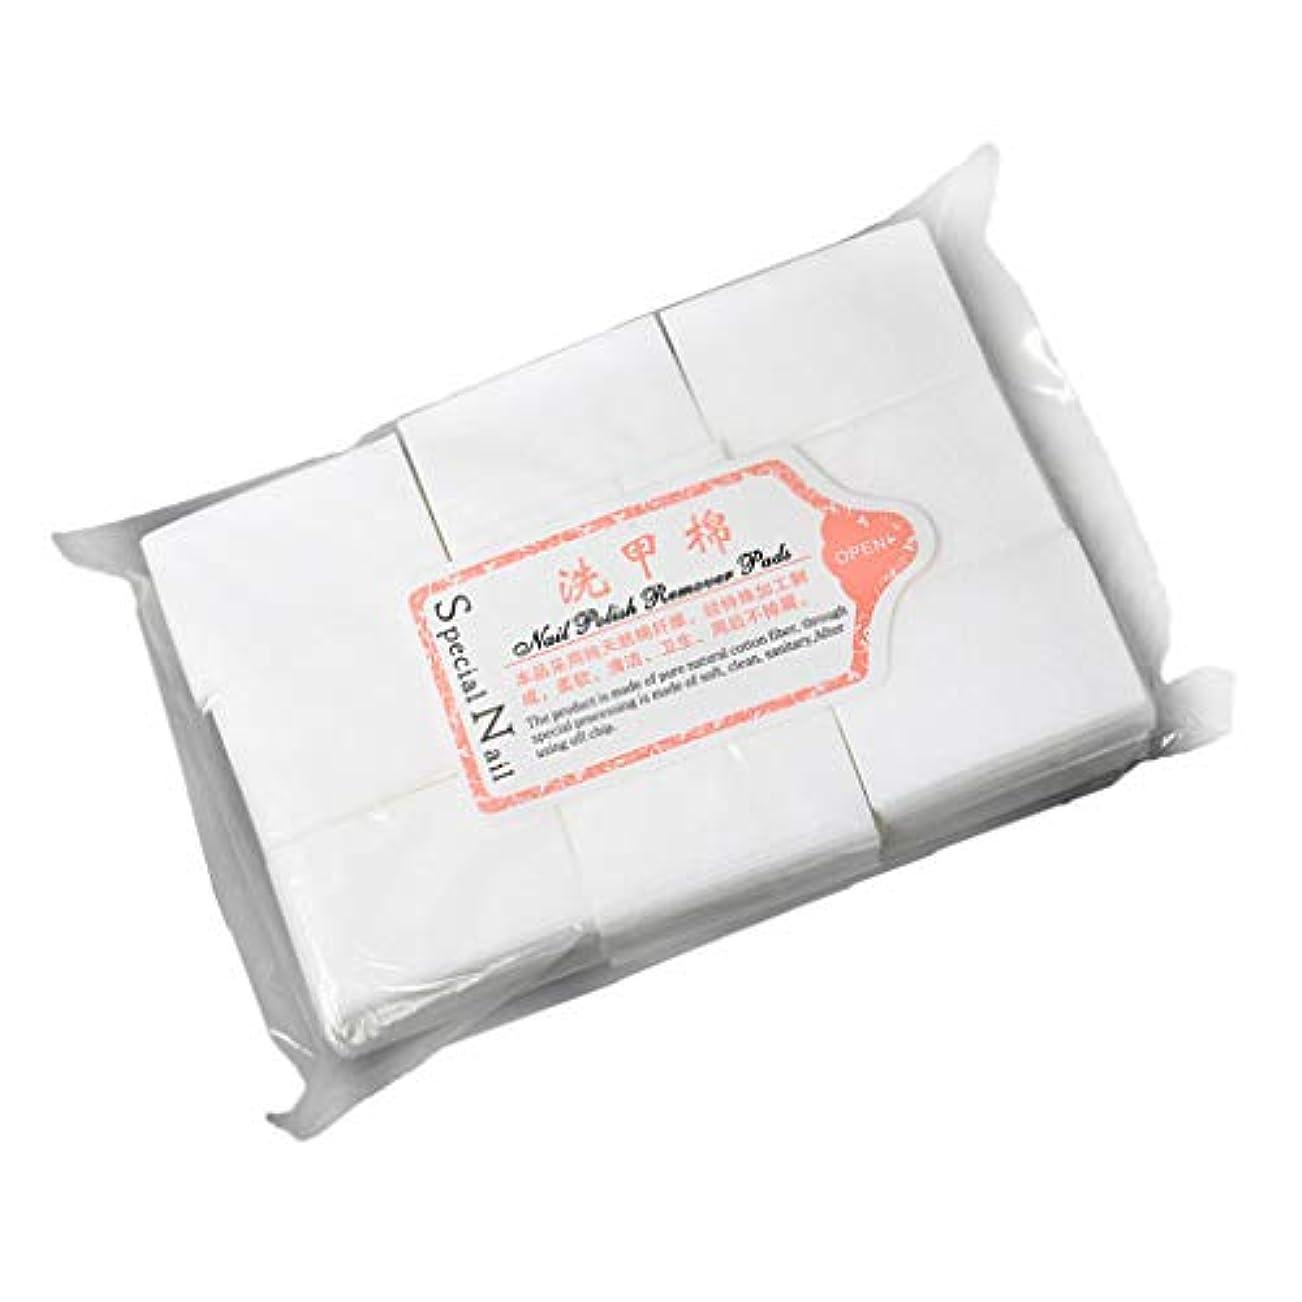 実施するスキル添付P Prettyia ネイルアートジェルポリッシュ リムーバーワイプ 拭き取り 化粧品 コットンパッド